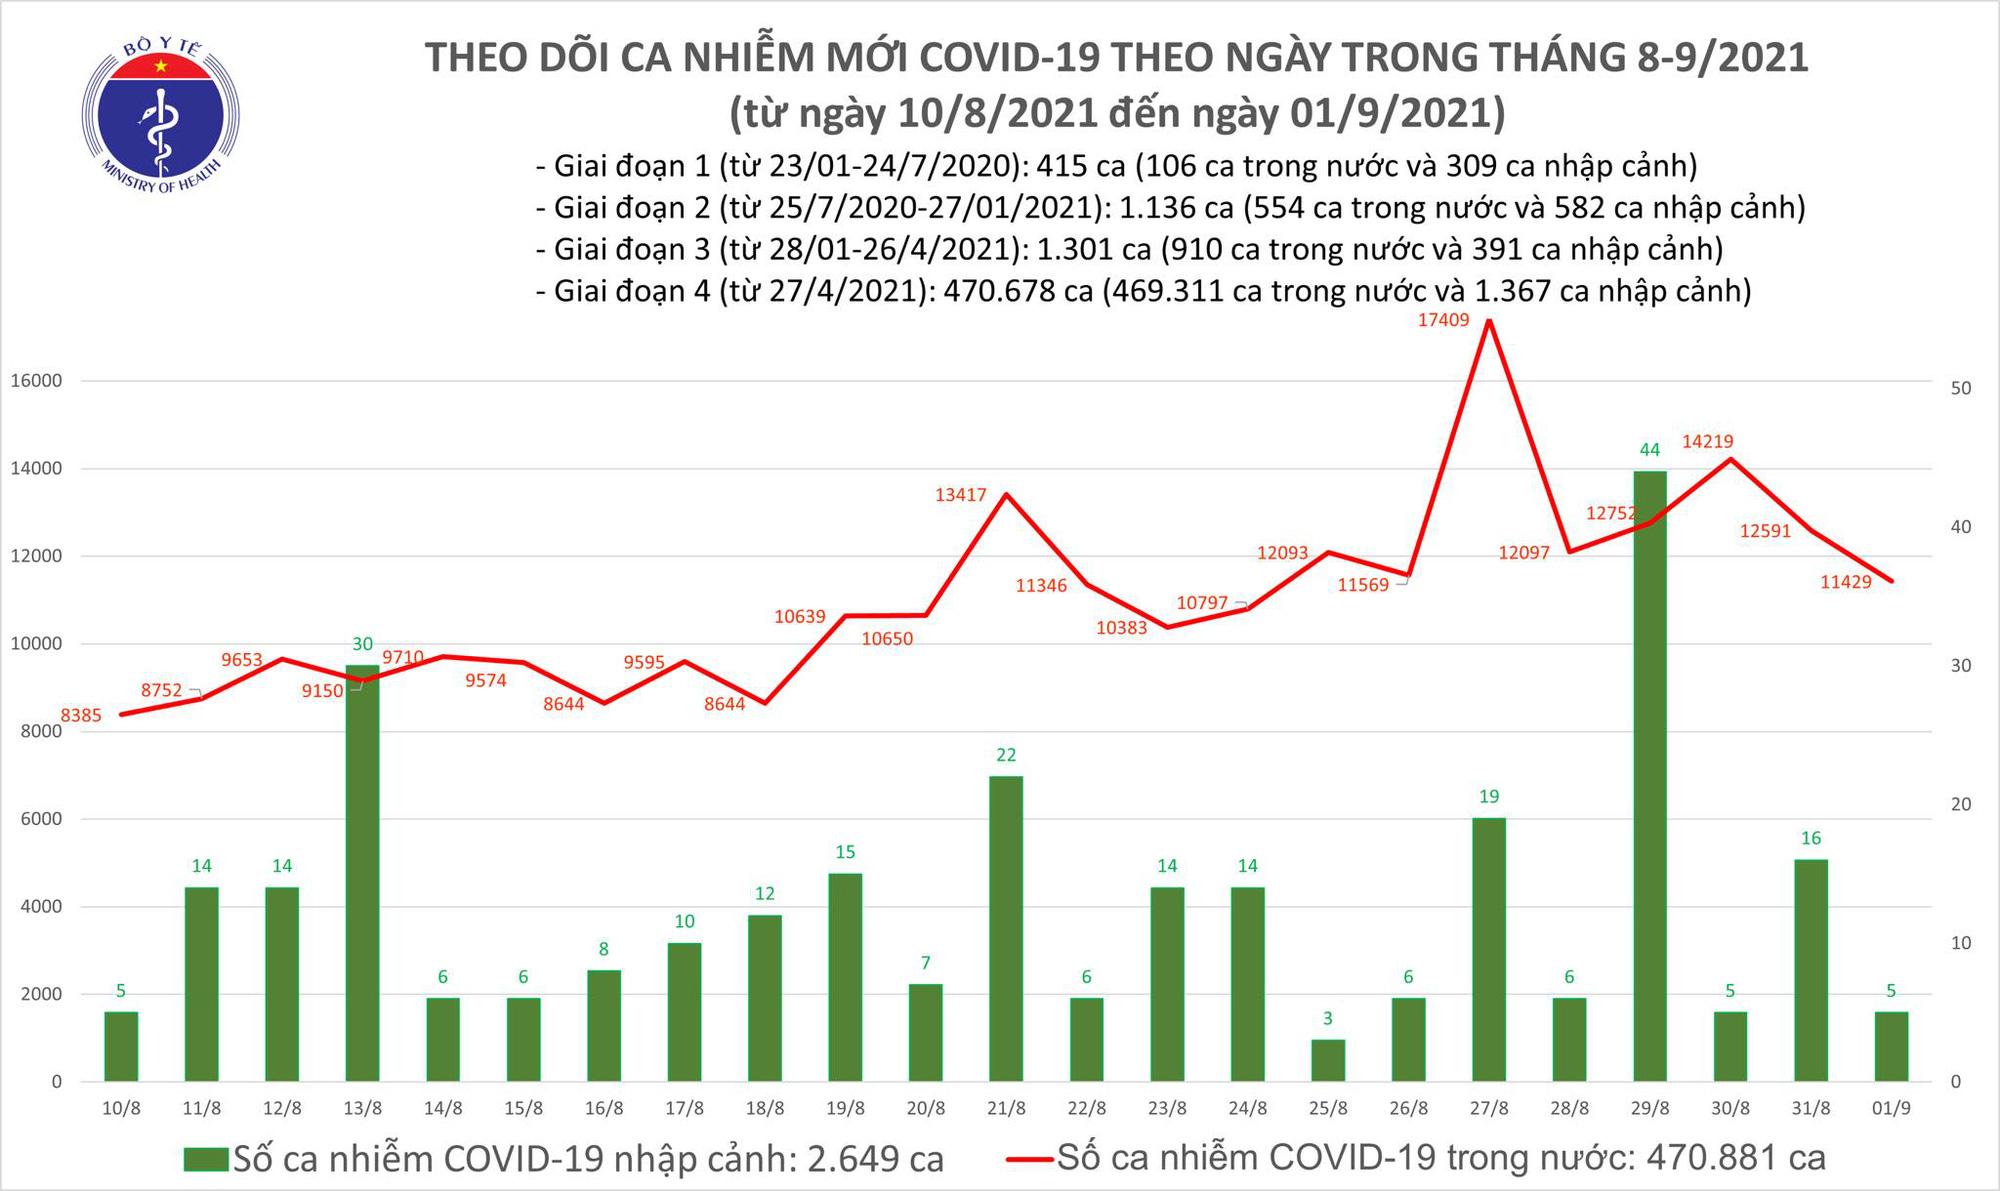 Tối 1/9: Thêm 11.434 ca mắc COVID-19, TP HCM nhiều nhất với 5.368 ca - Ảnh 1.